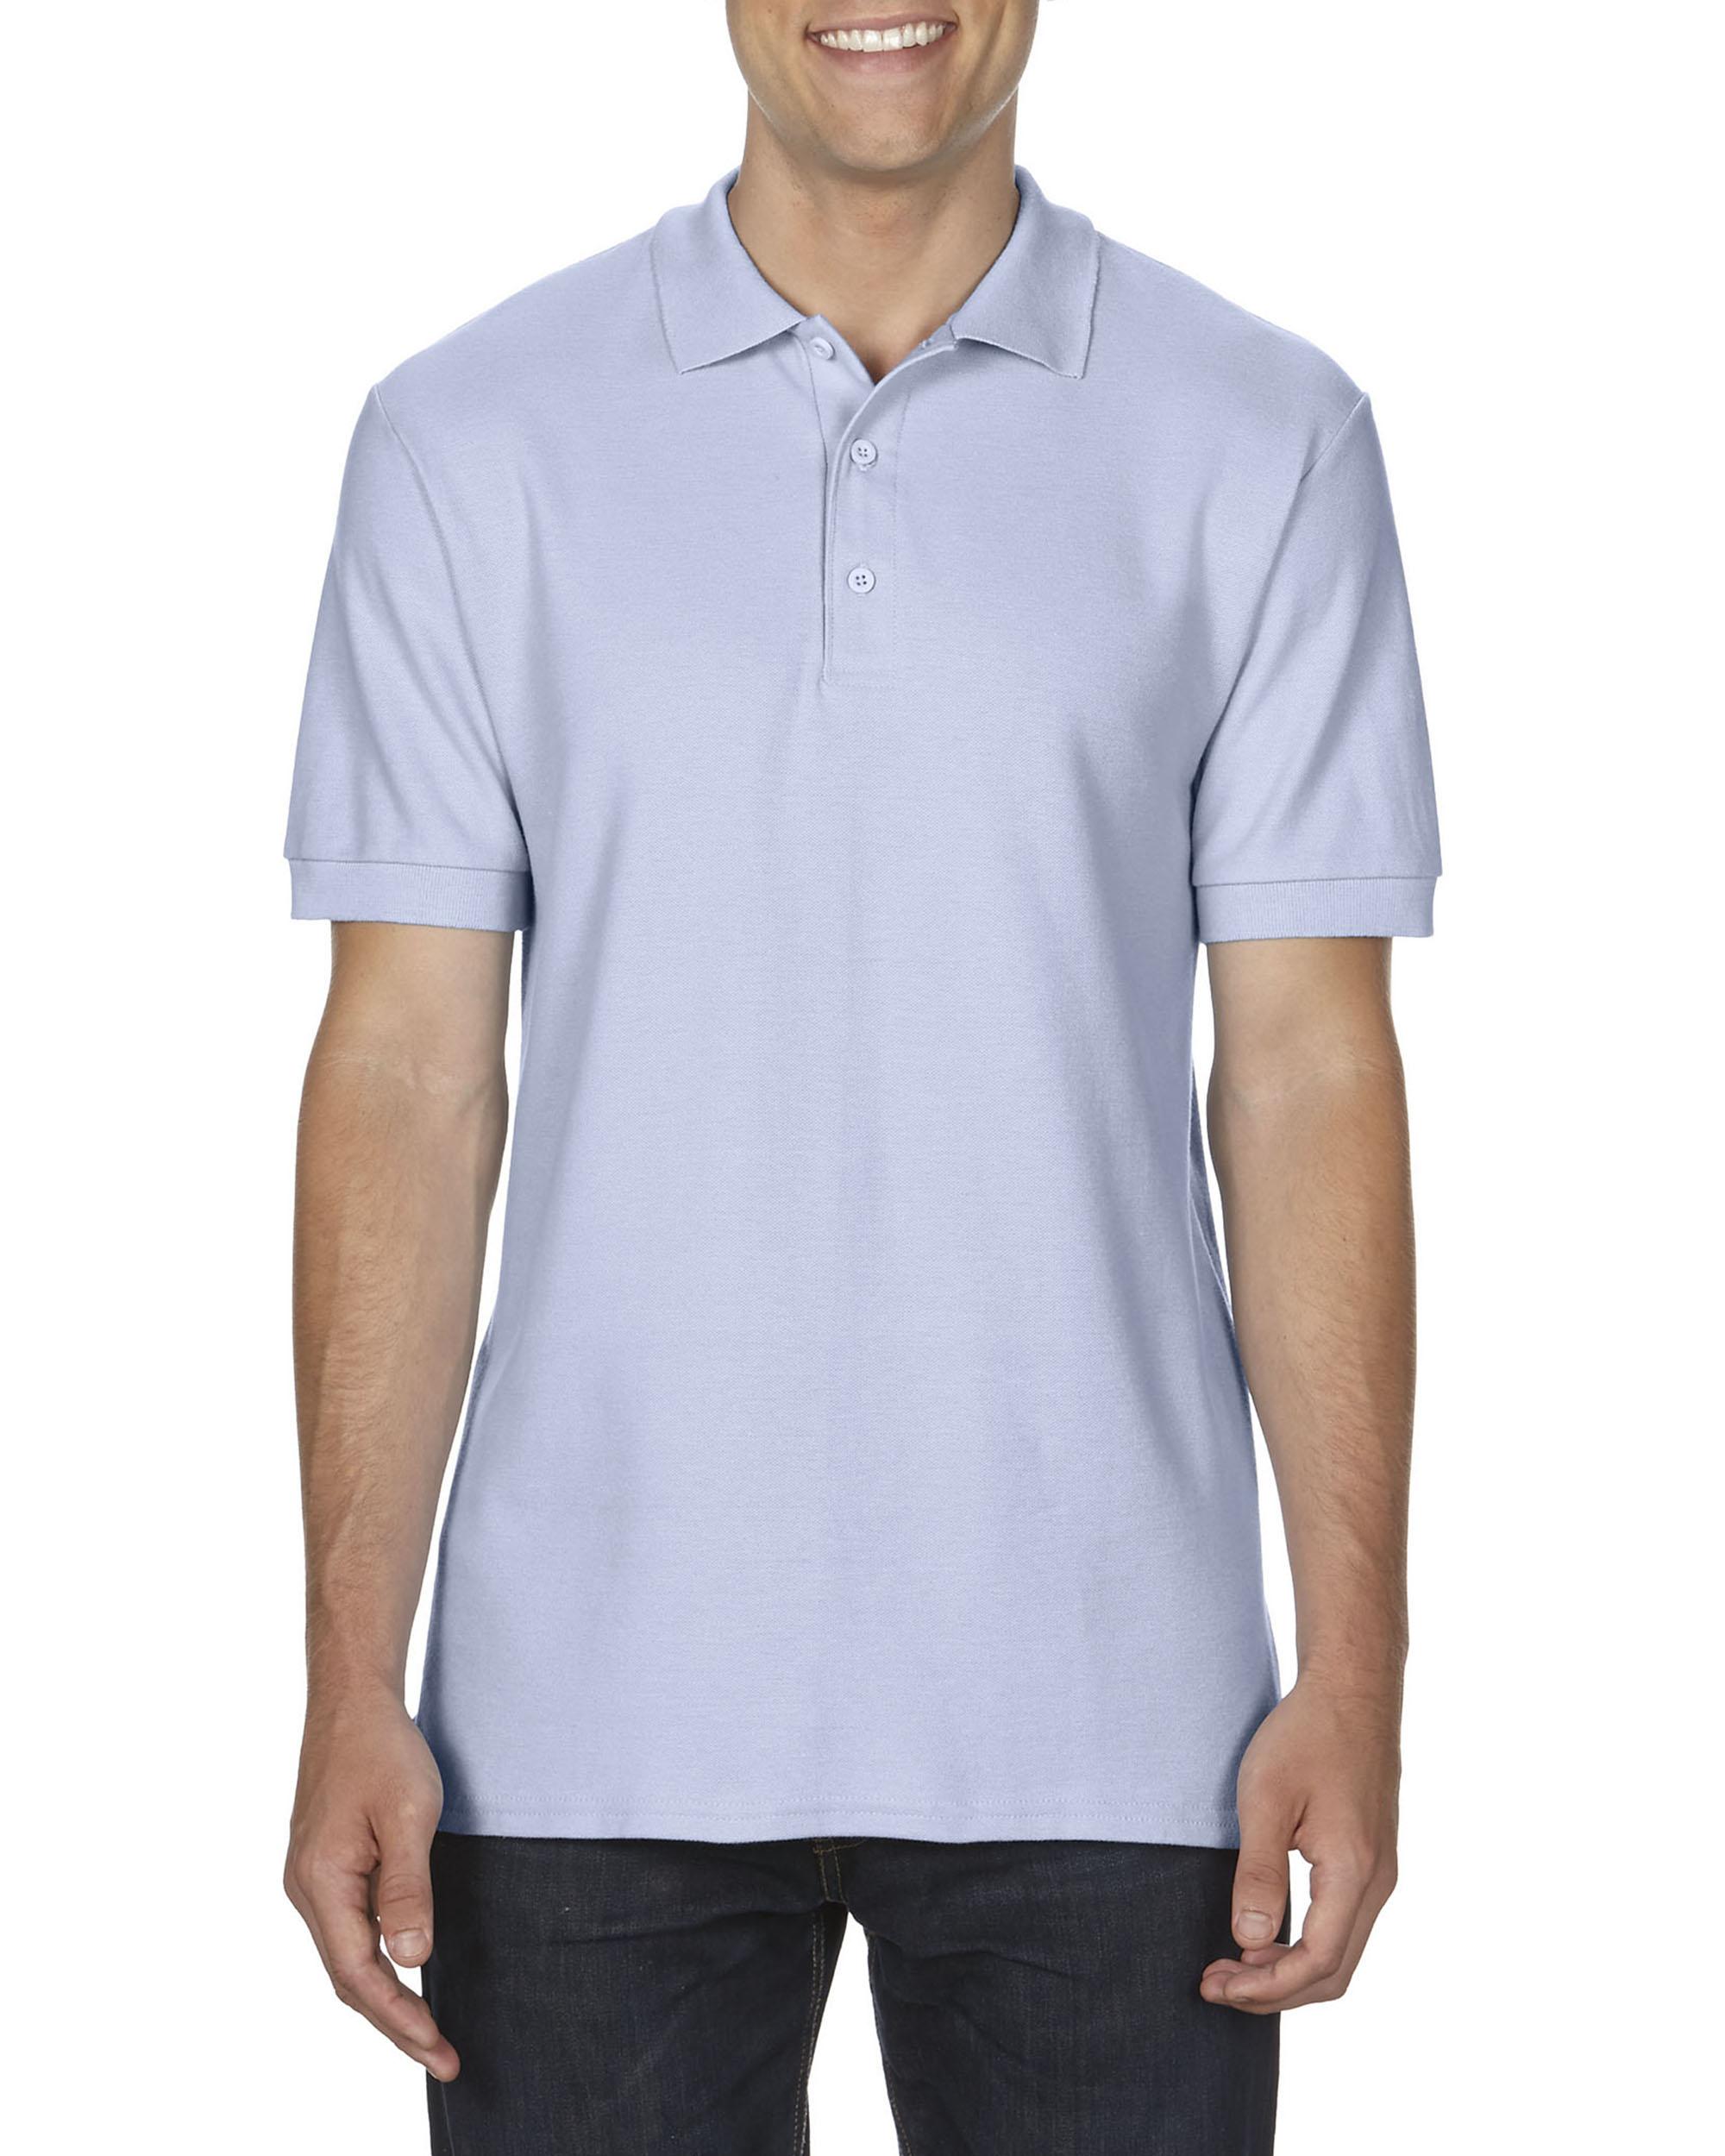 Gildan Polo Premium Cotton SS for him